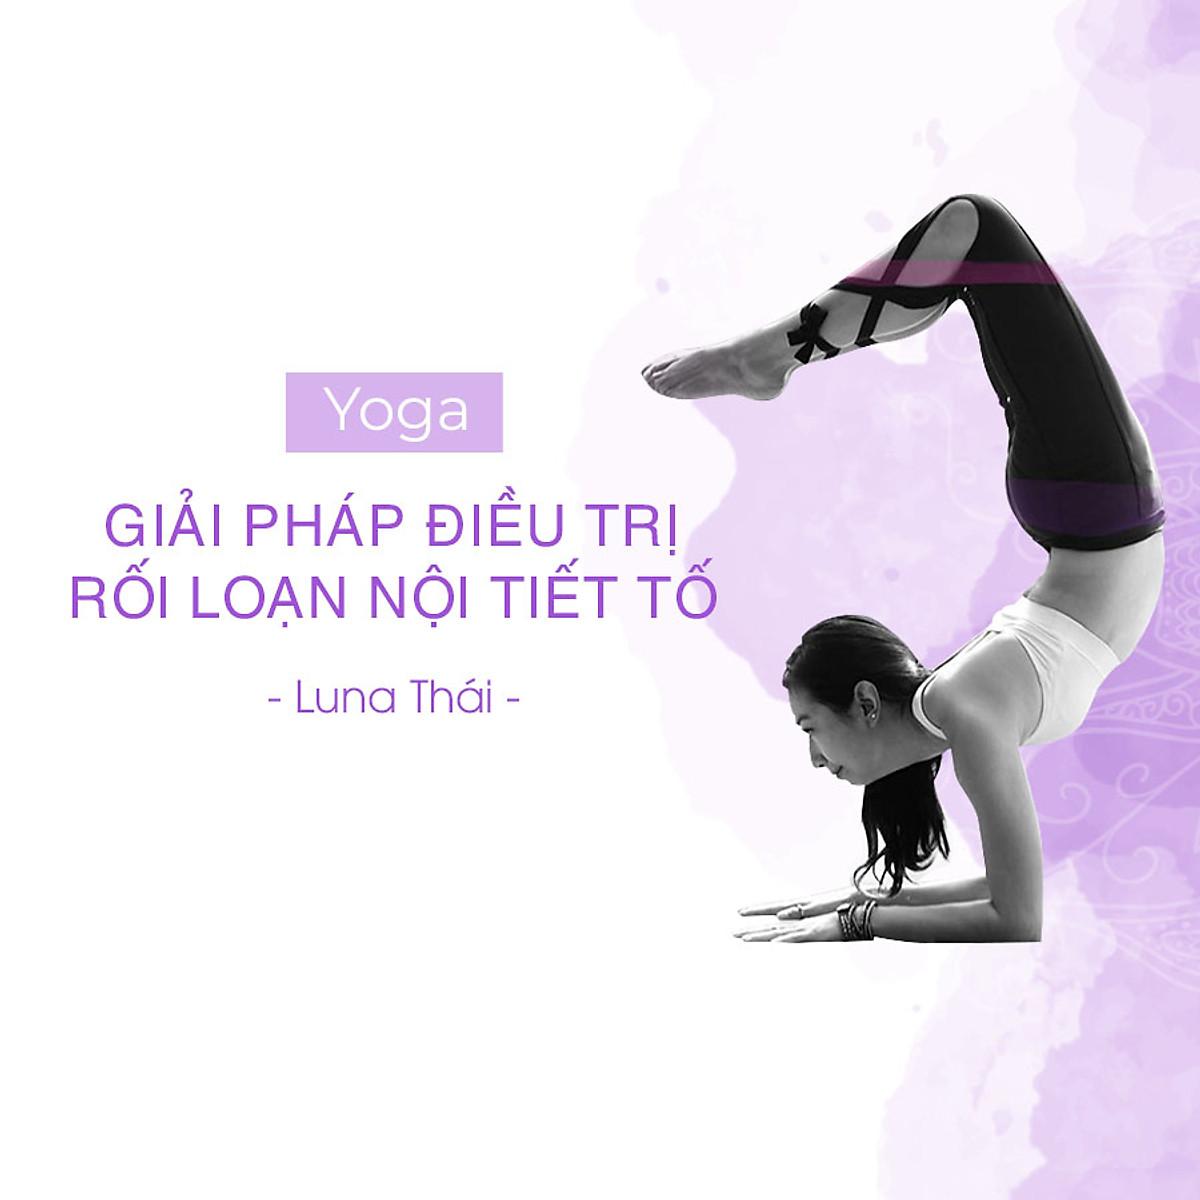 Yoga – Giải pháp điều trị rối loạn nội tiết tố